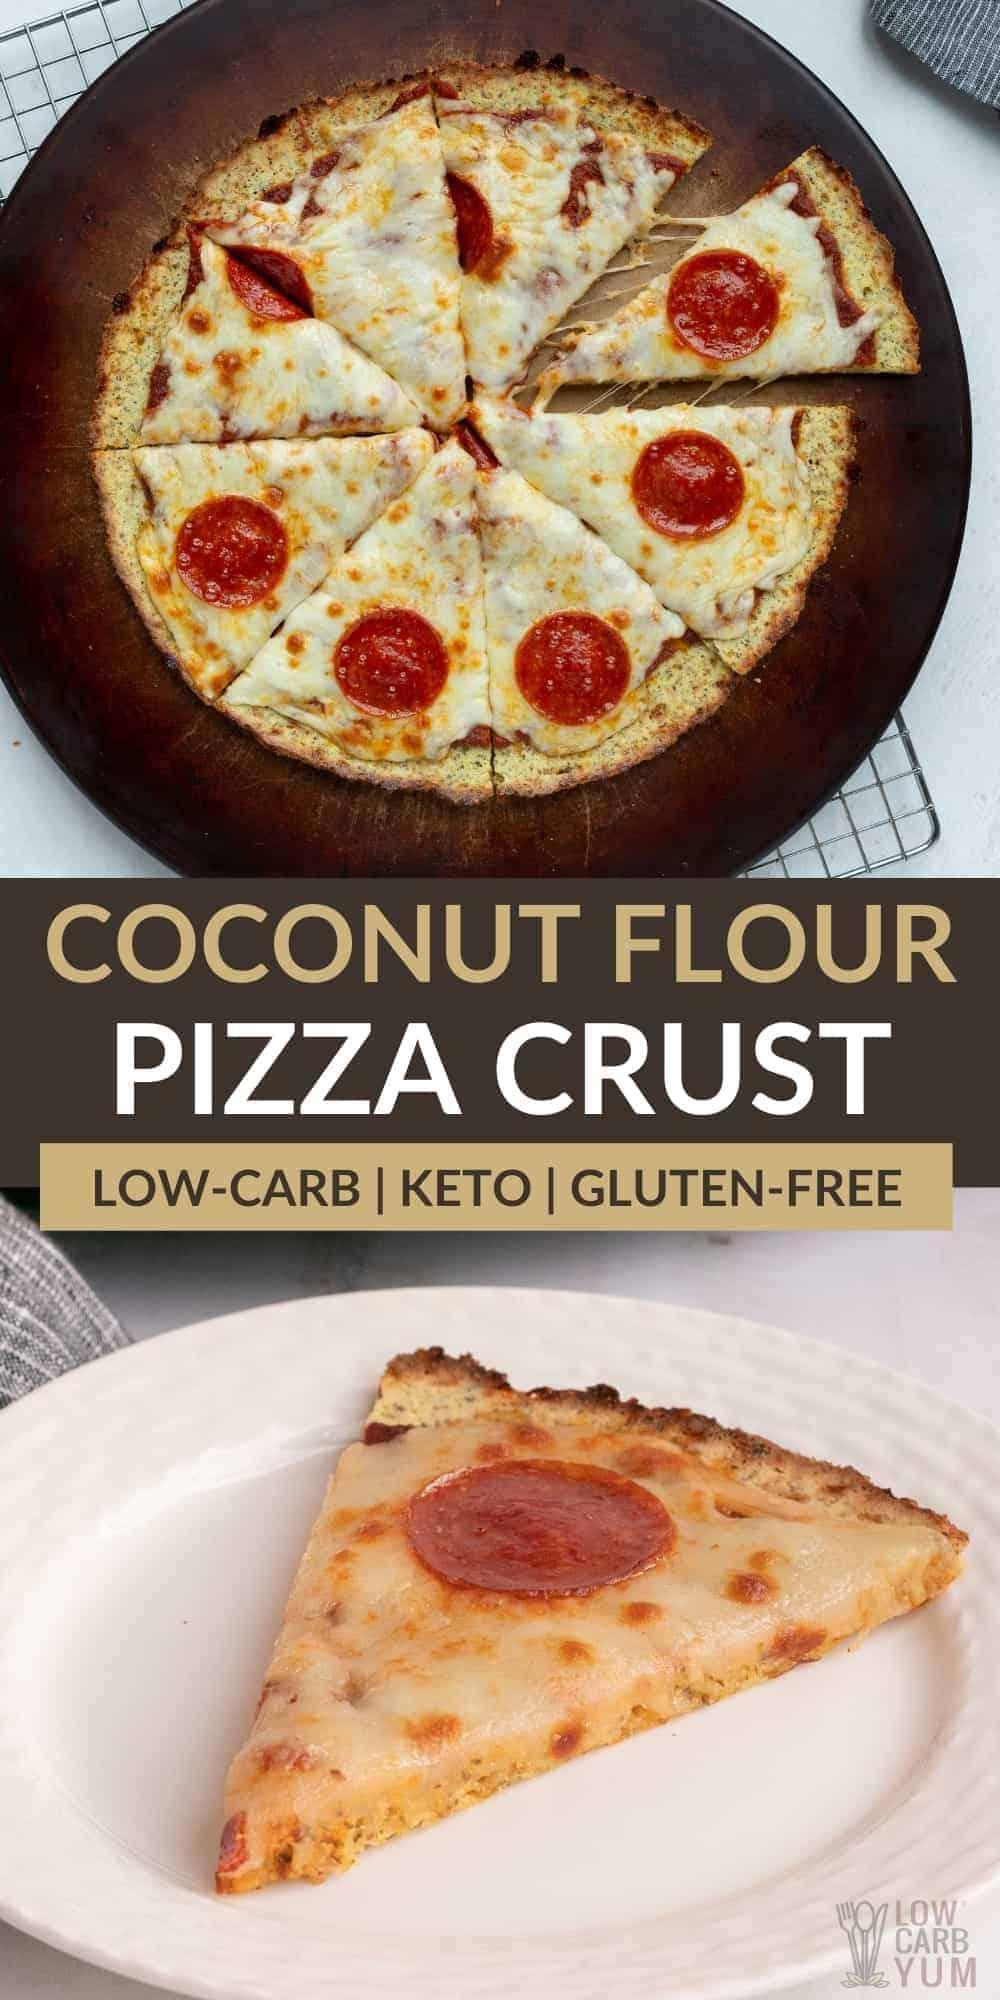 keto coconut flour pizza crust pinterest image